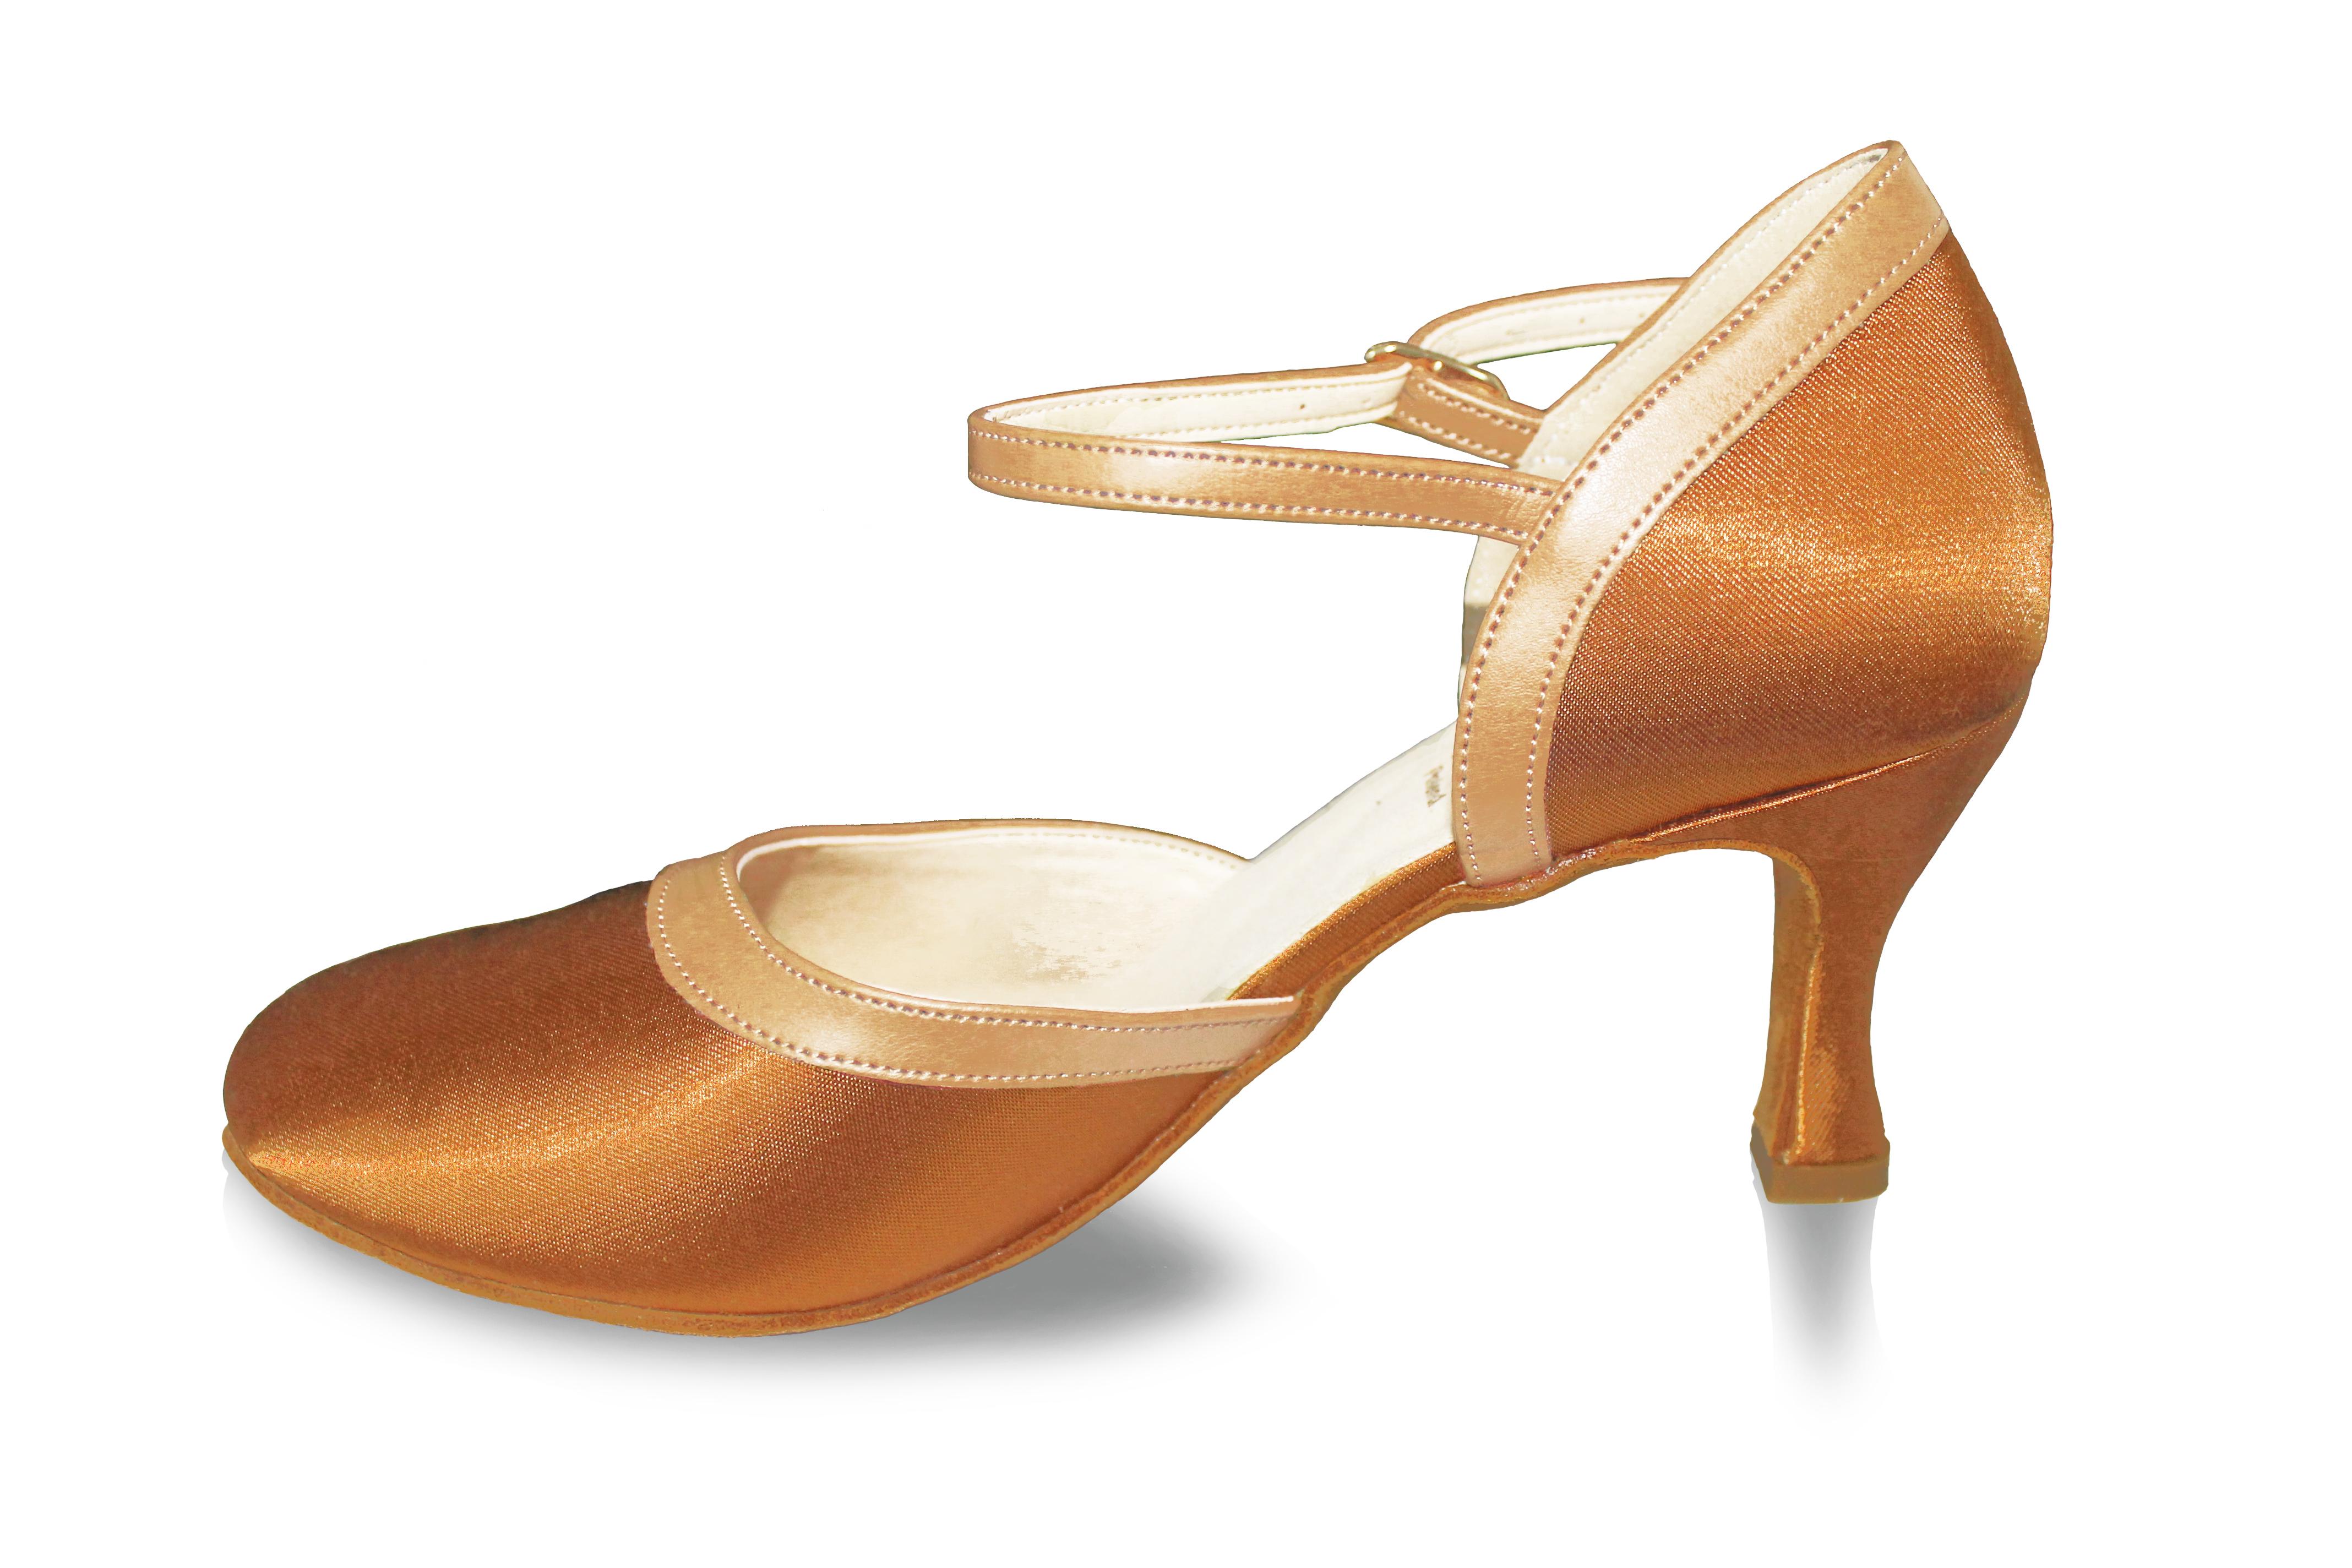 ae05abafc9226 Tanečné topánky ARTIS - DA-3 is 7 cm flare telové empty